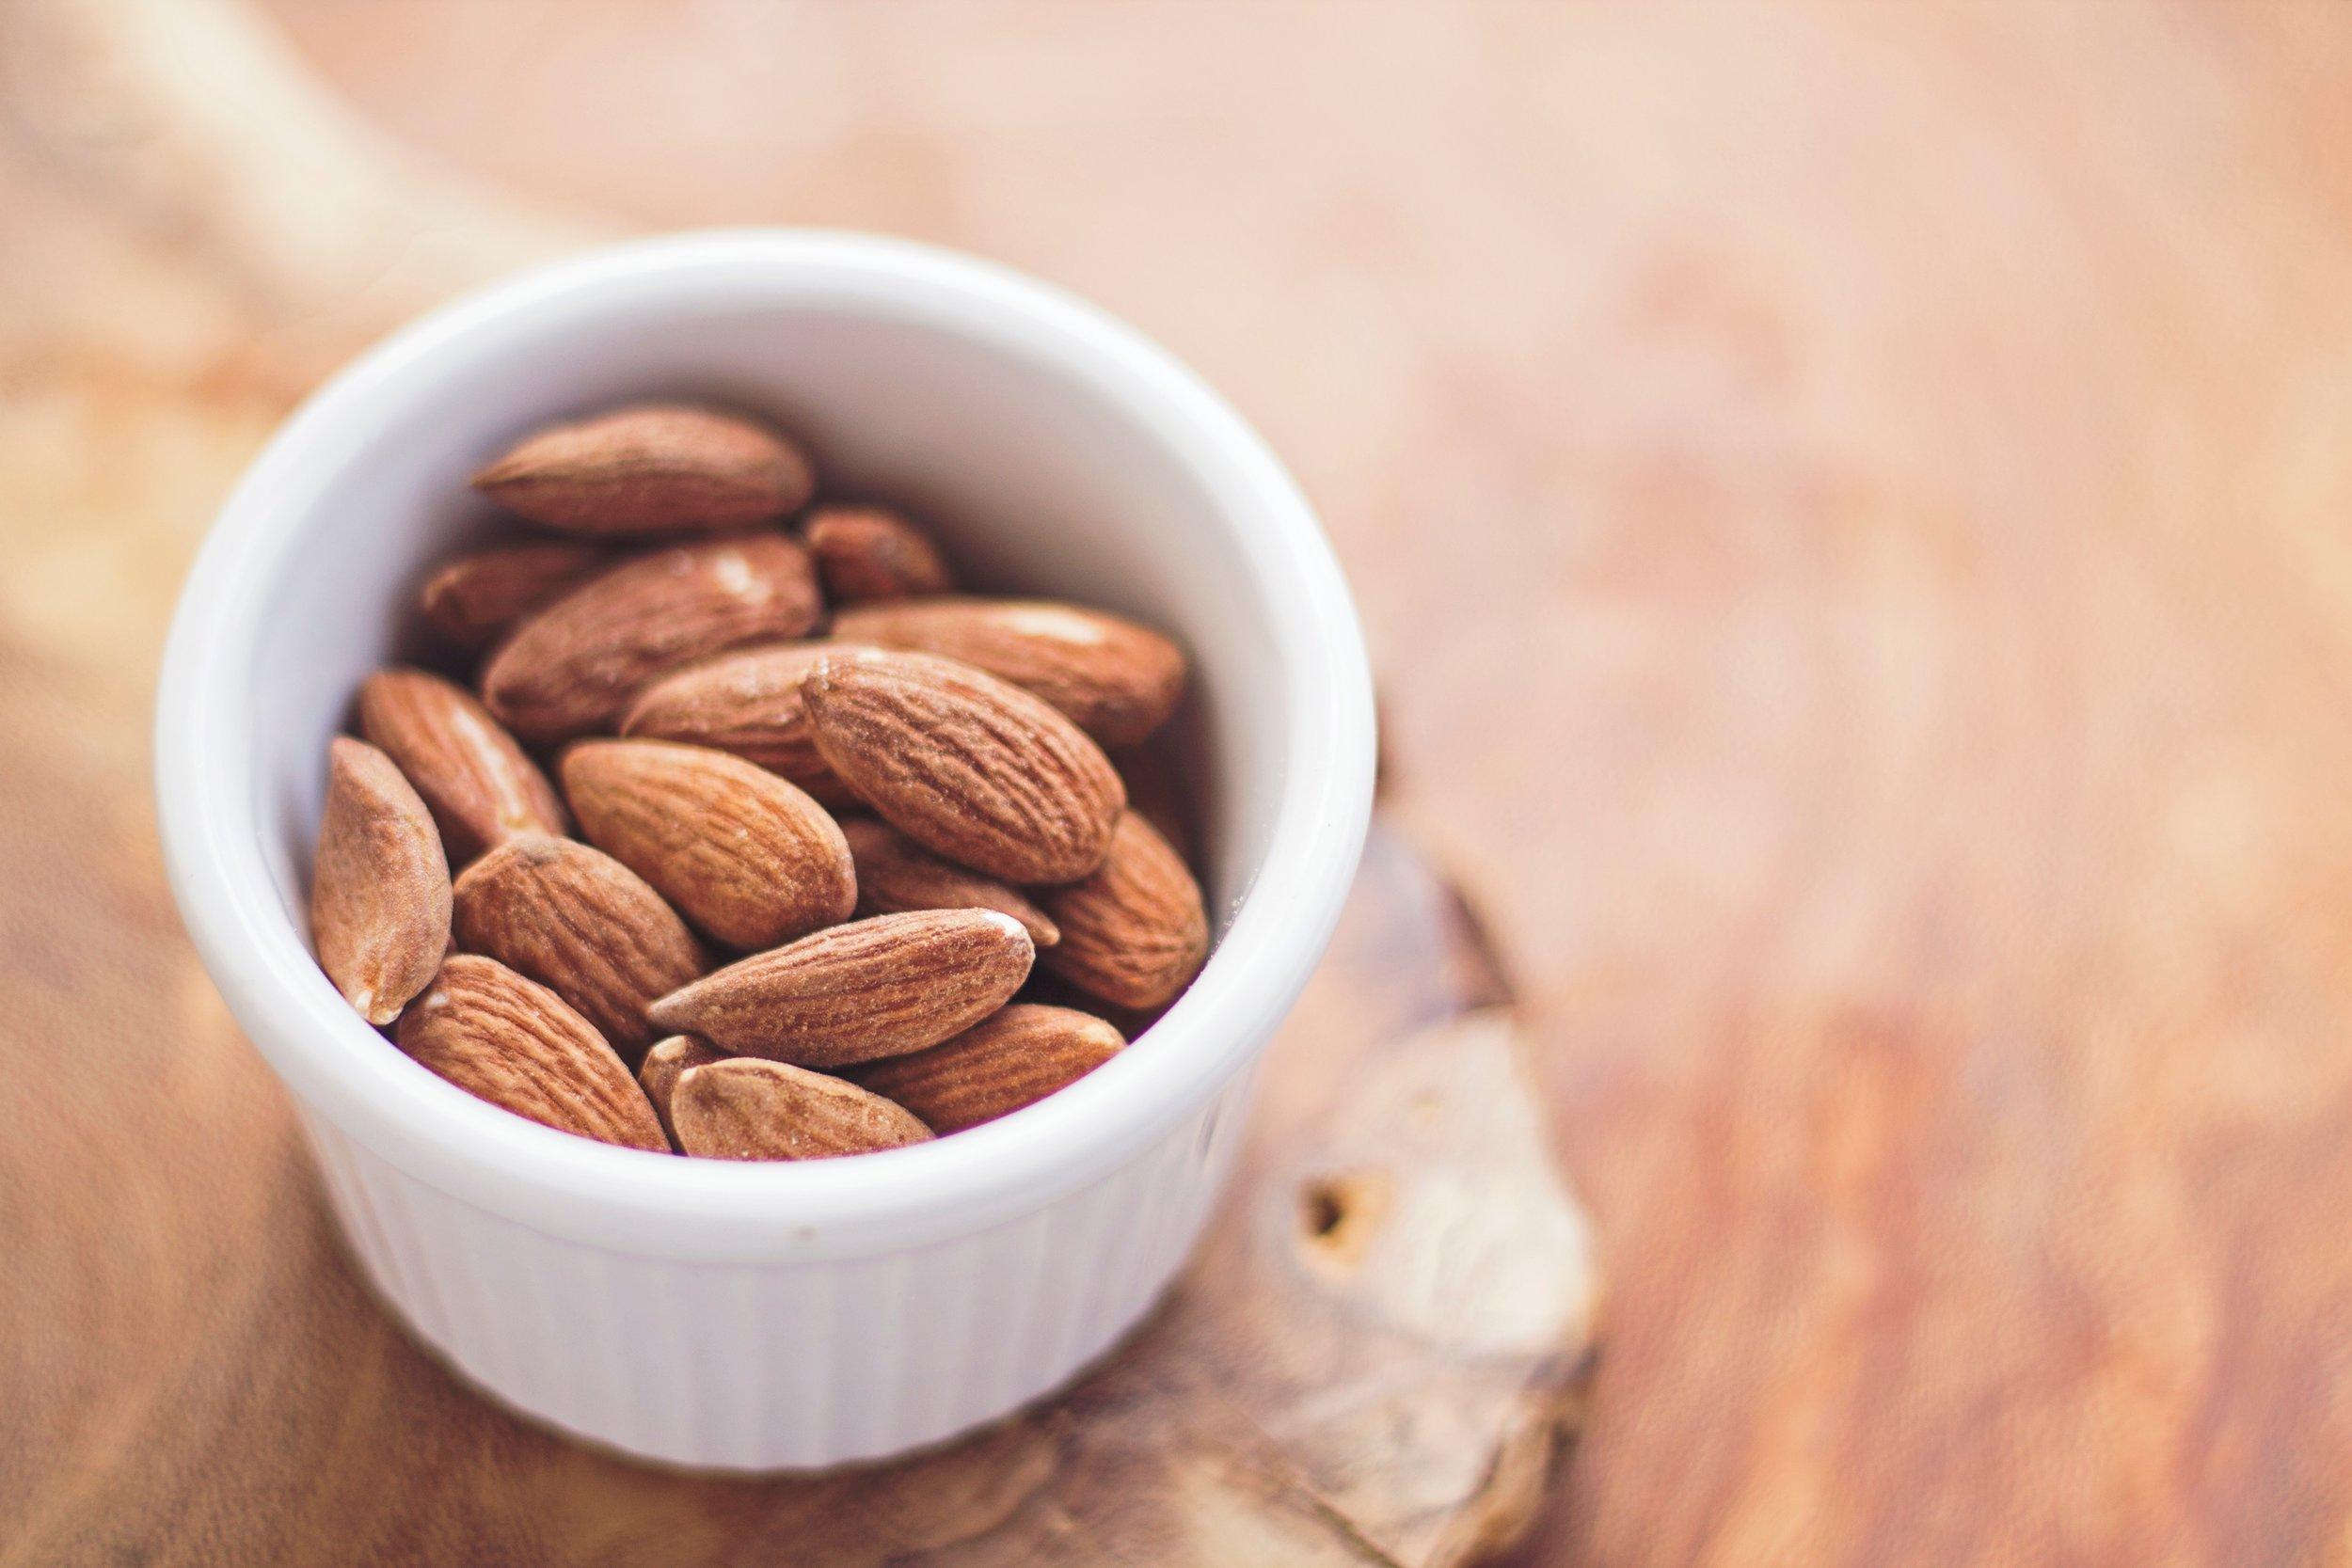 Nut Milk (Almond, Cashew, etc)